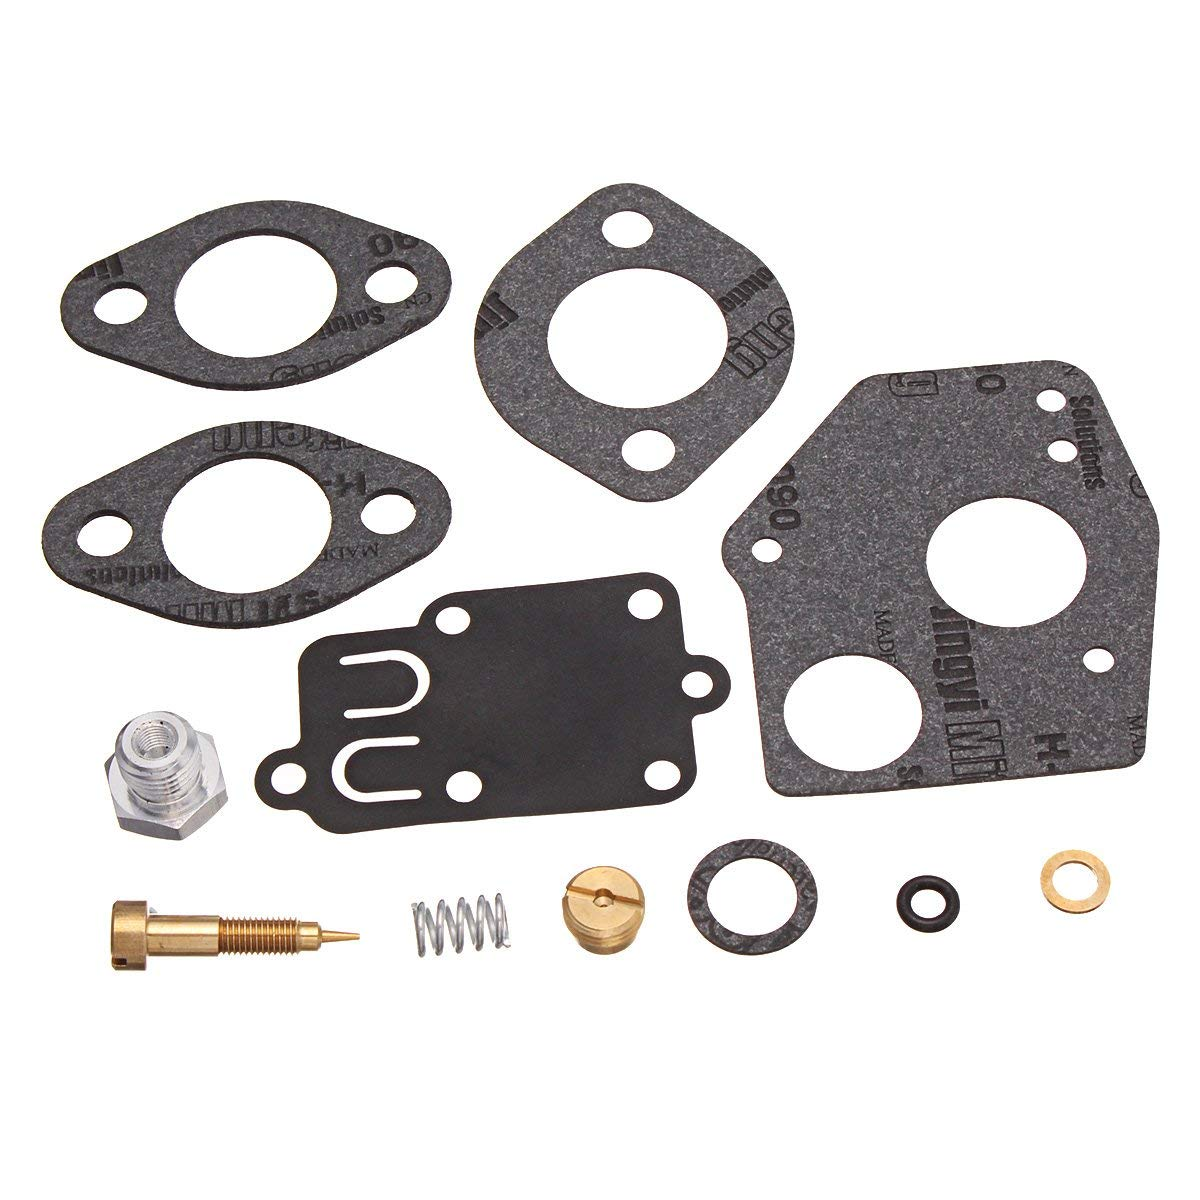 CoCocina Carburetor Carb Repair Rebuild Kit For Briggs Stratton 495606 494624 3HP-5HP